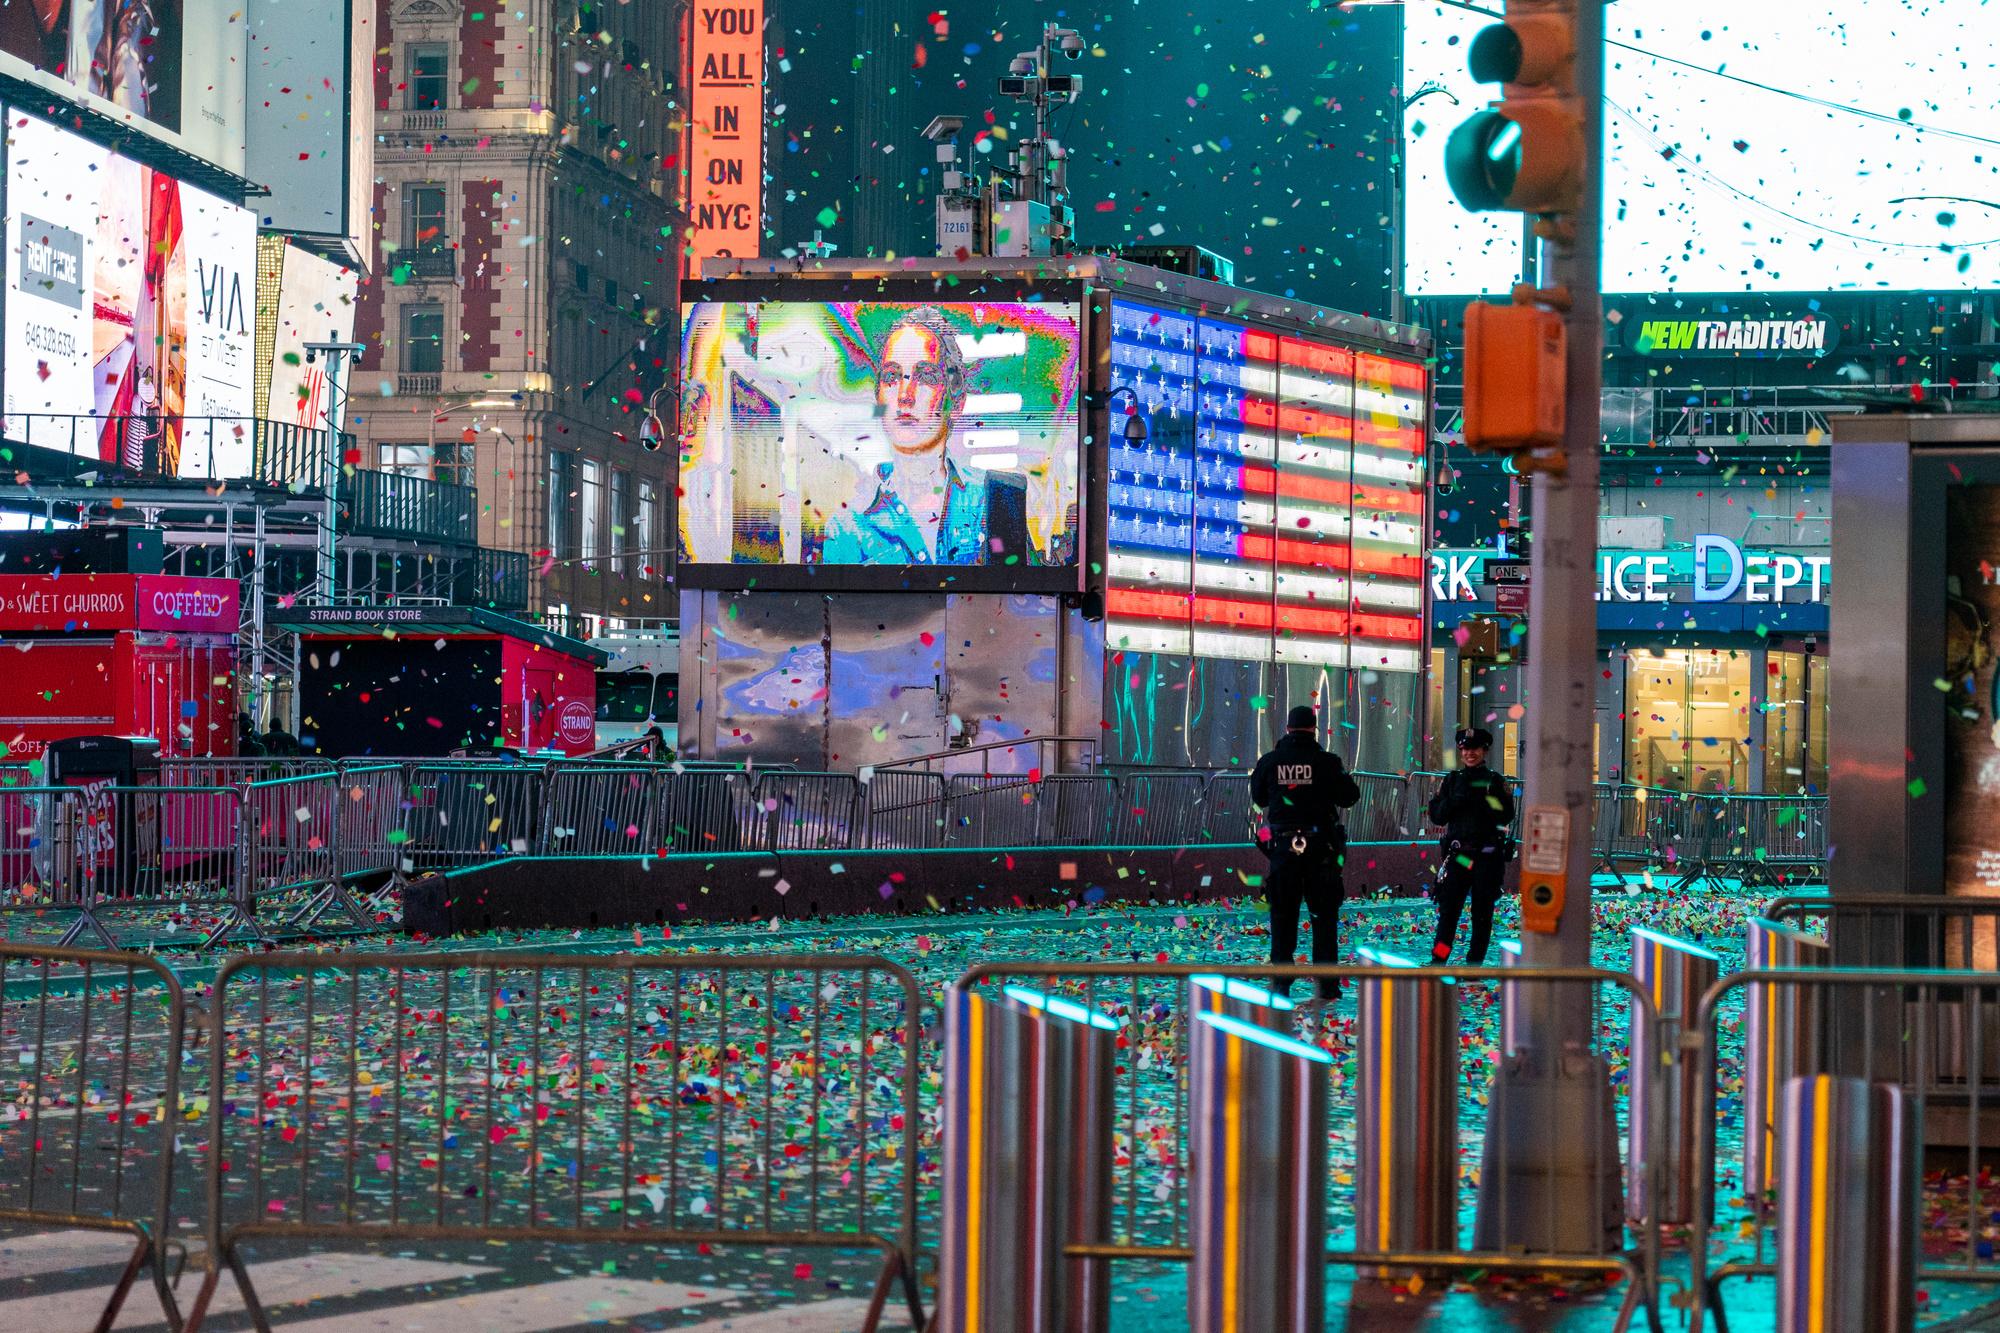 Un réveillon pas comme les autres à Times Square., AFP